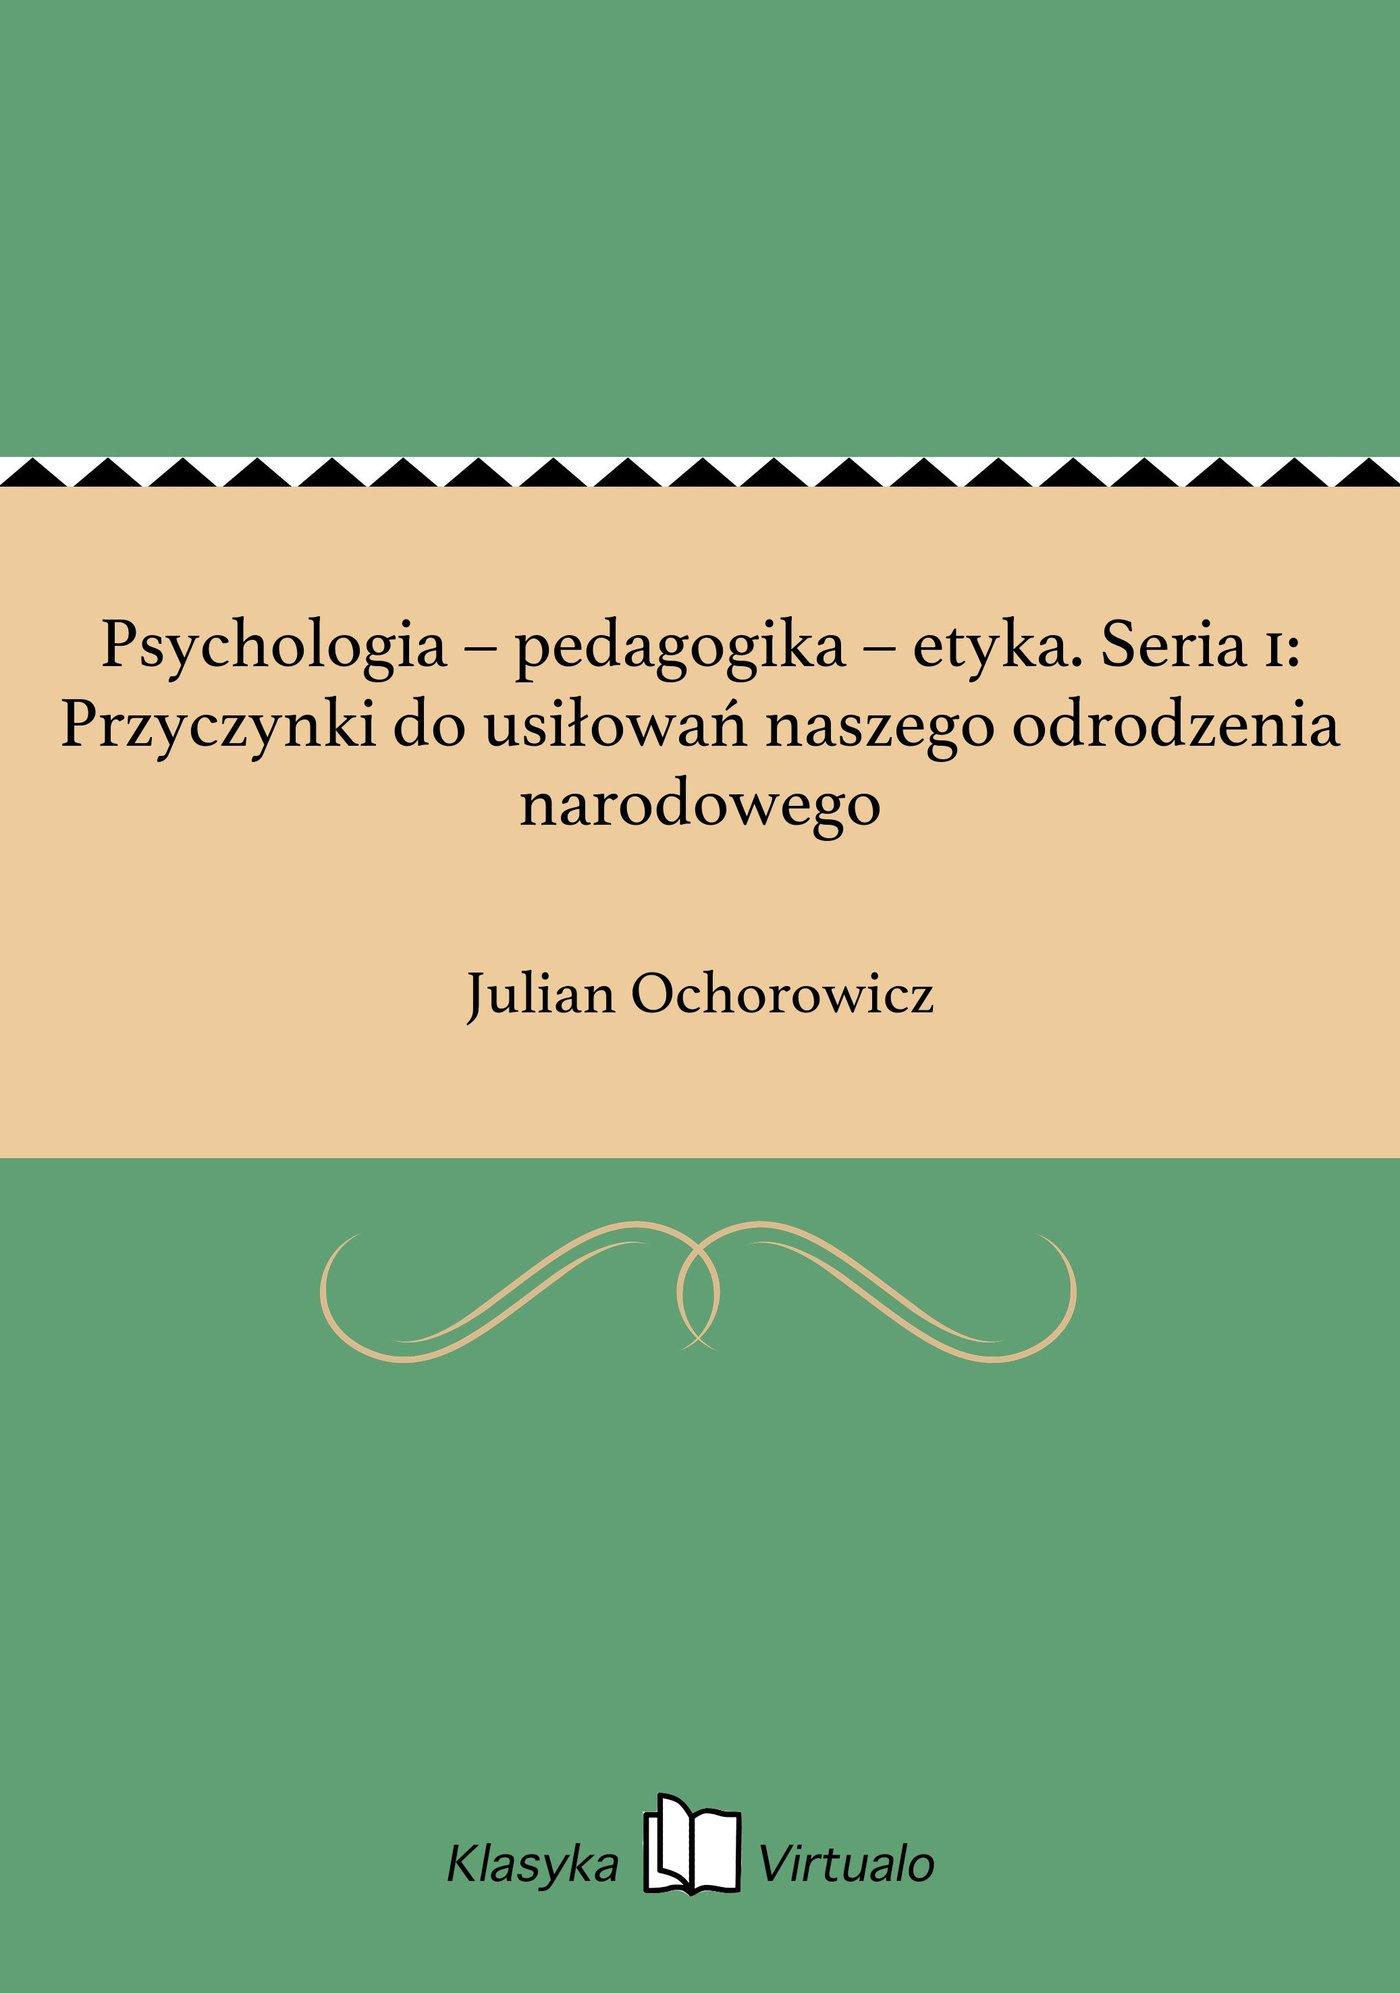 Psychologia – pedagogika – etyka. Seria 1: Przyczynki do usiłowań naszego odrodzenia narodowego - Ebook (Książka EPUB) do pobrania w formacie EPUB